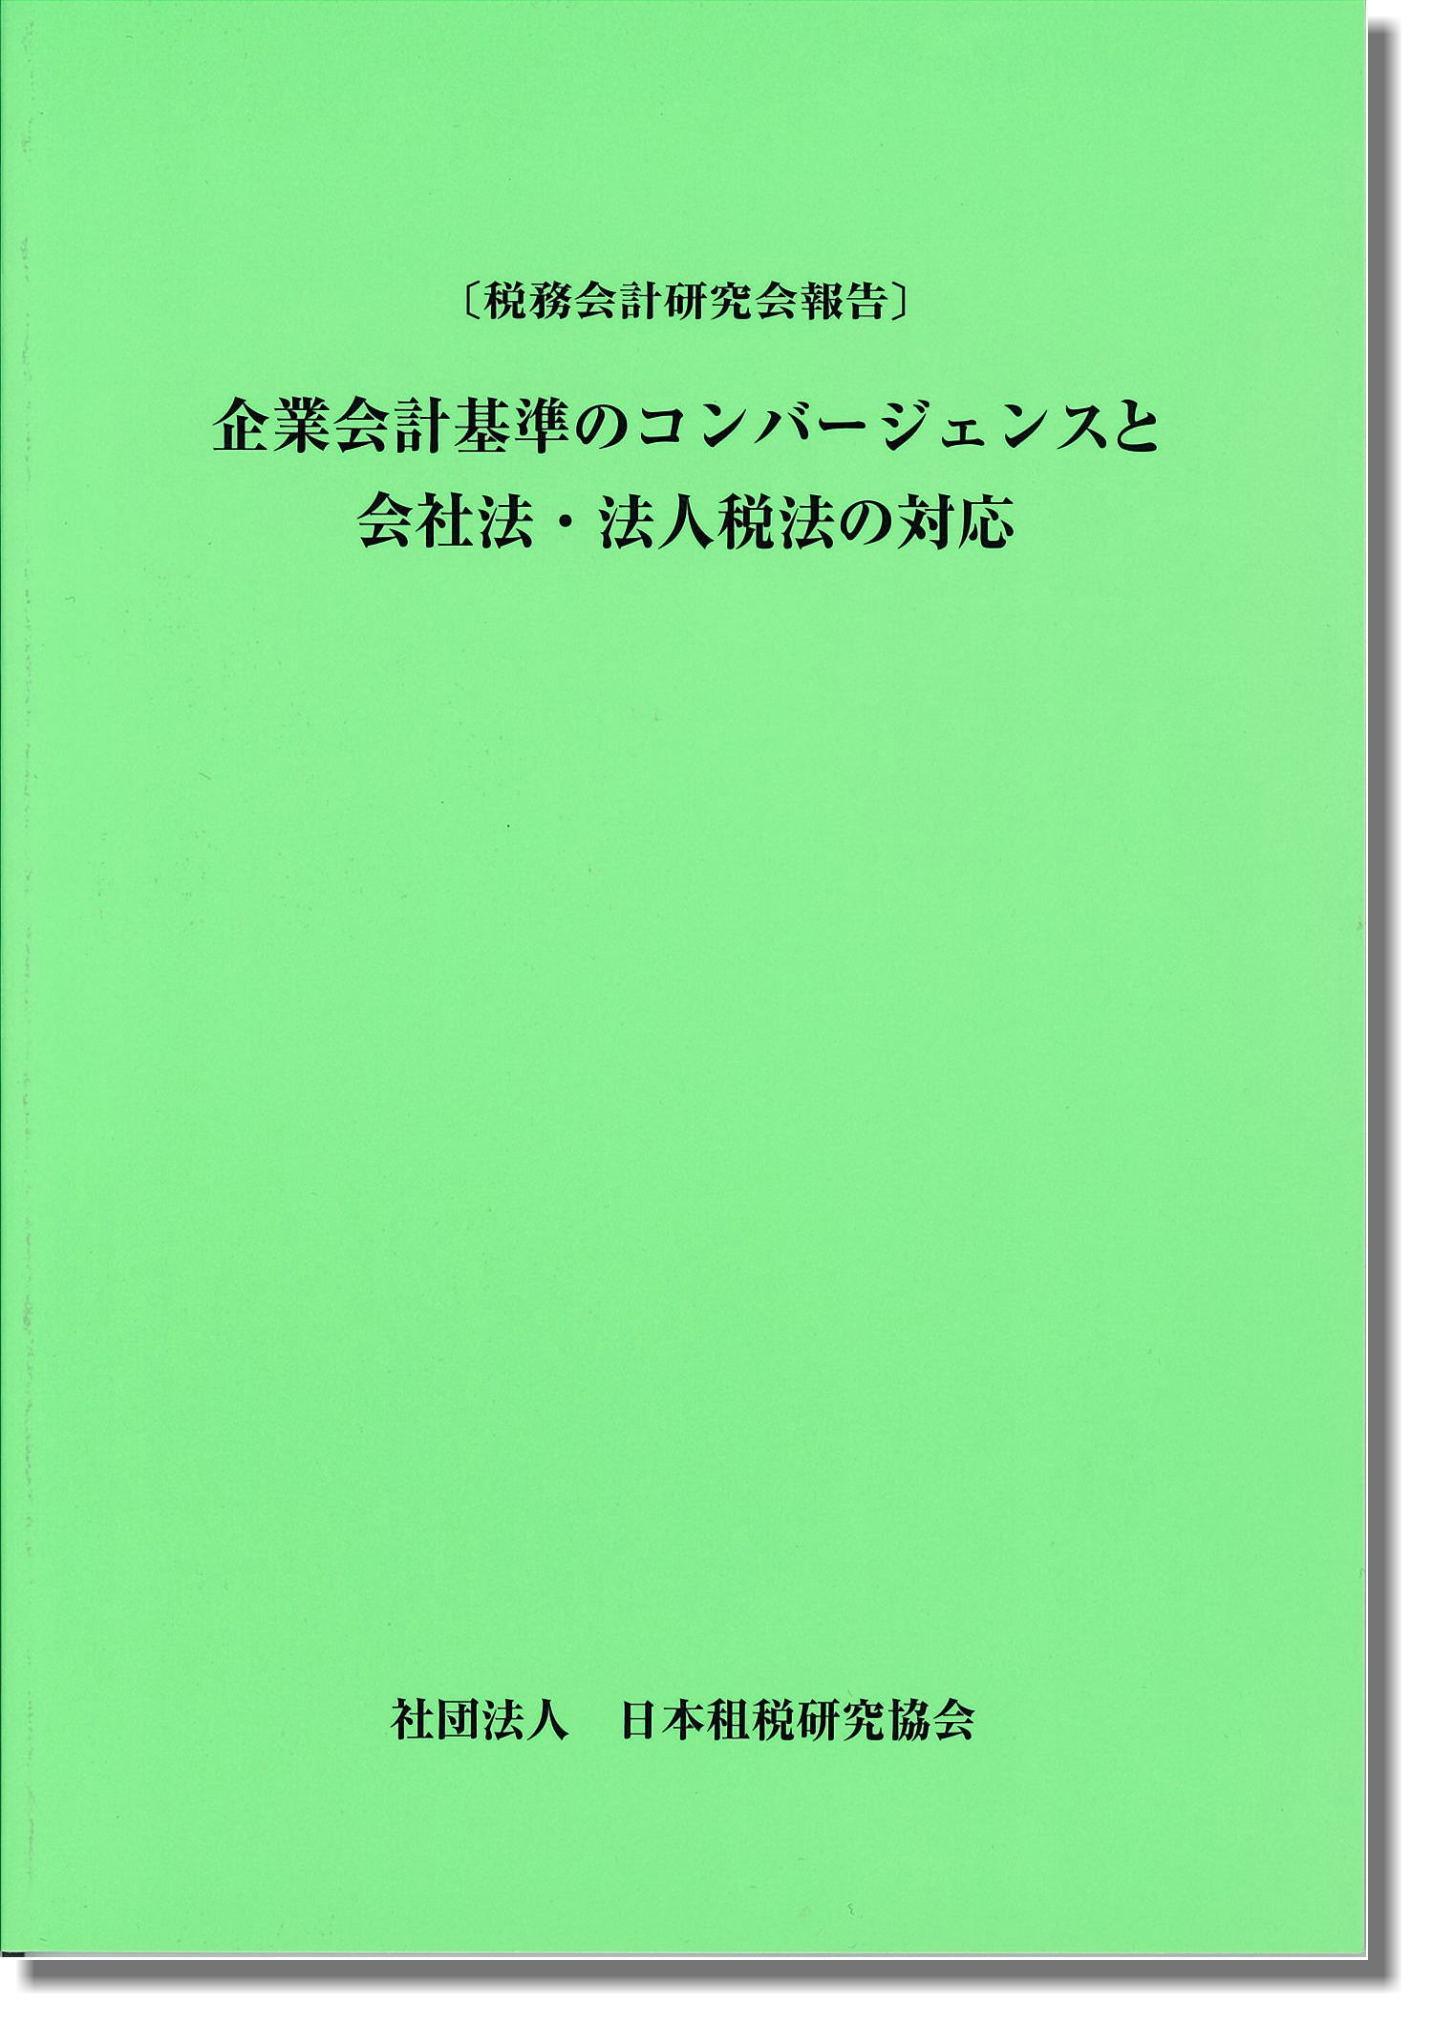 〔税務会計研究会報告〕 企業会計基準のコンバージェンスと会社法・法人税法の対応